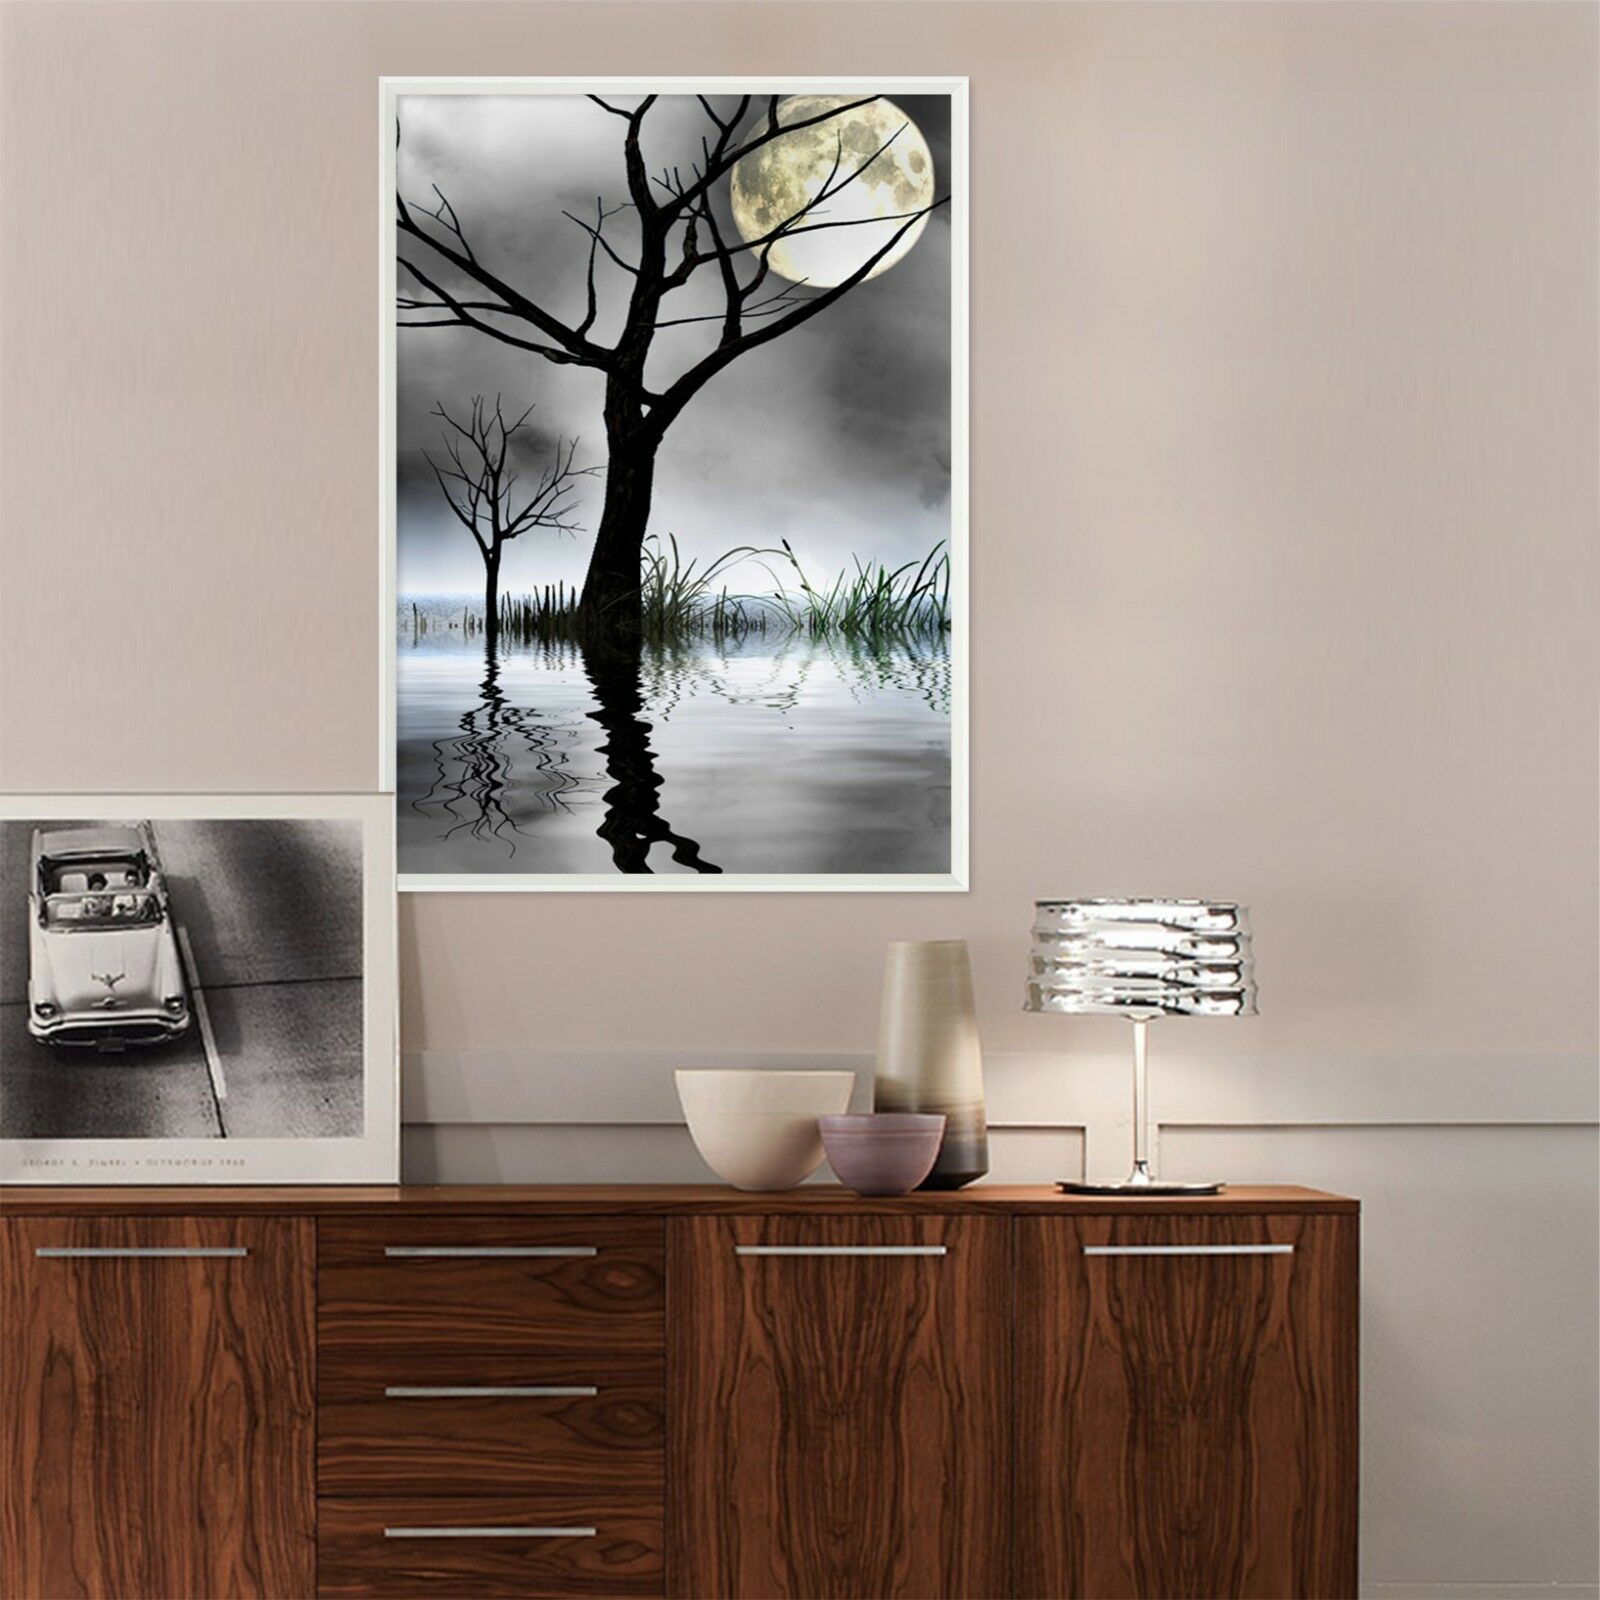 3D árbol lago luna 2 Póster Enmarcado Decoración del Hogar Pintura de Impresión Arte AJ Wallpaper